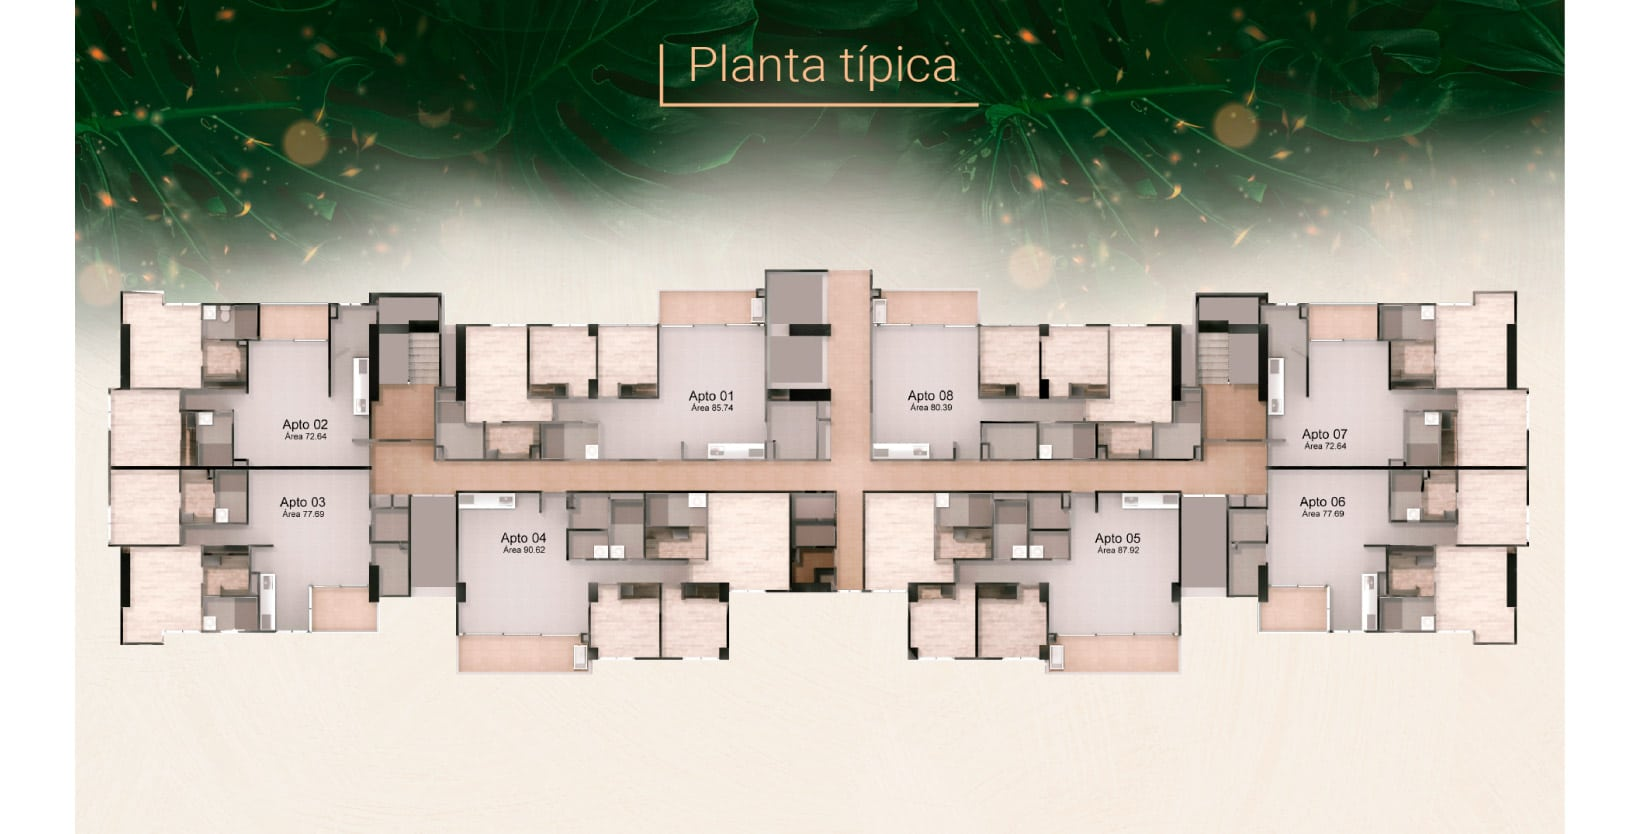 planta_tipica